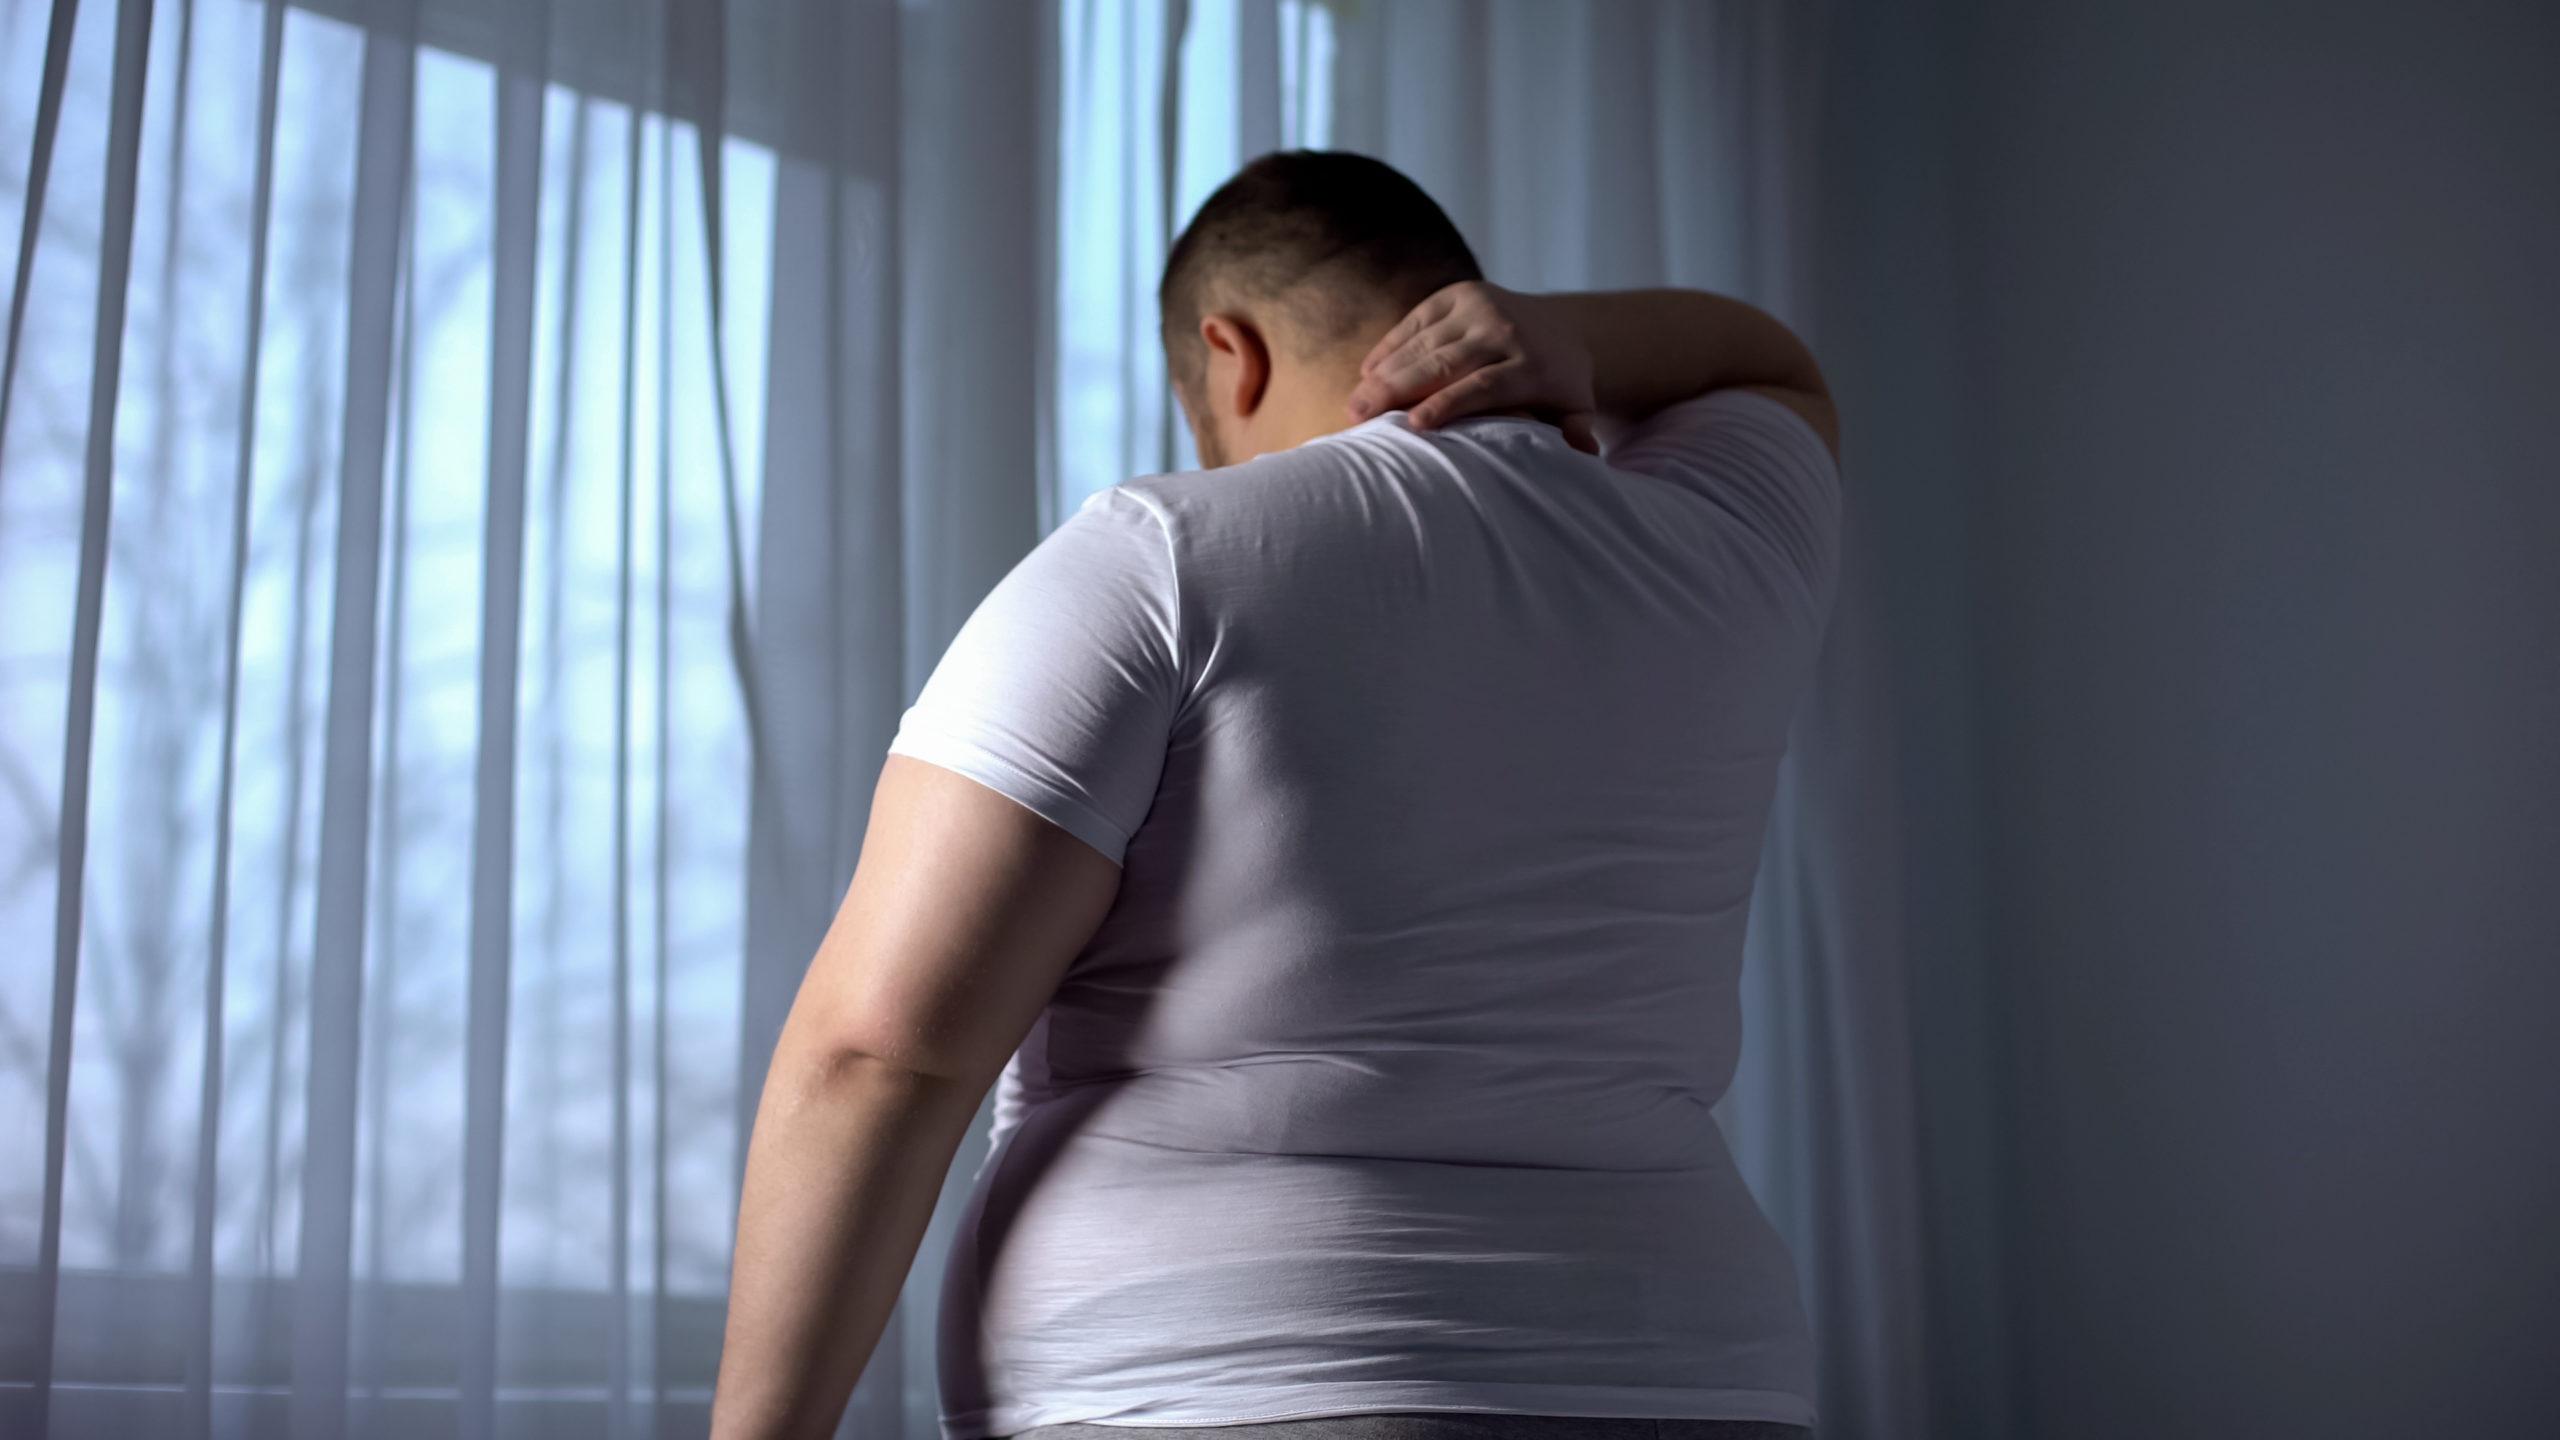 Los casos de obesidad se han triplicado en todo el mundo desde 1975